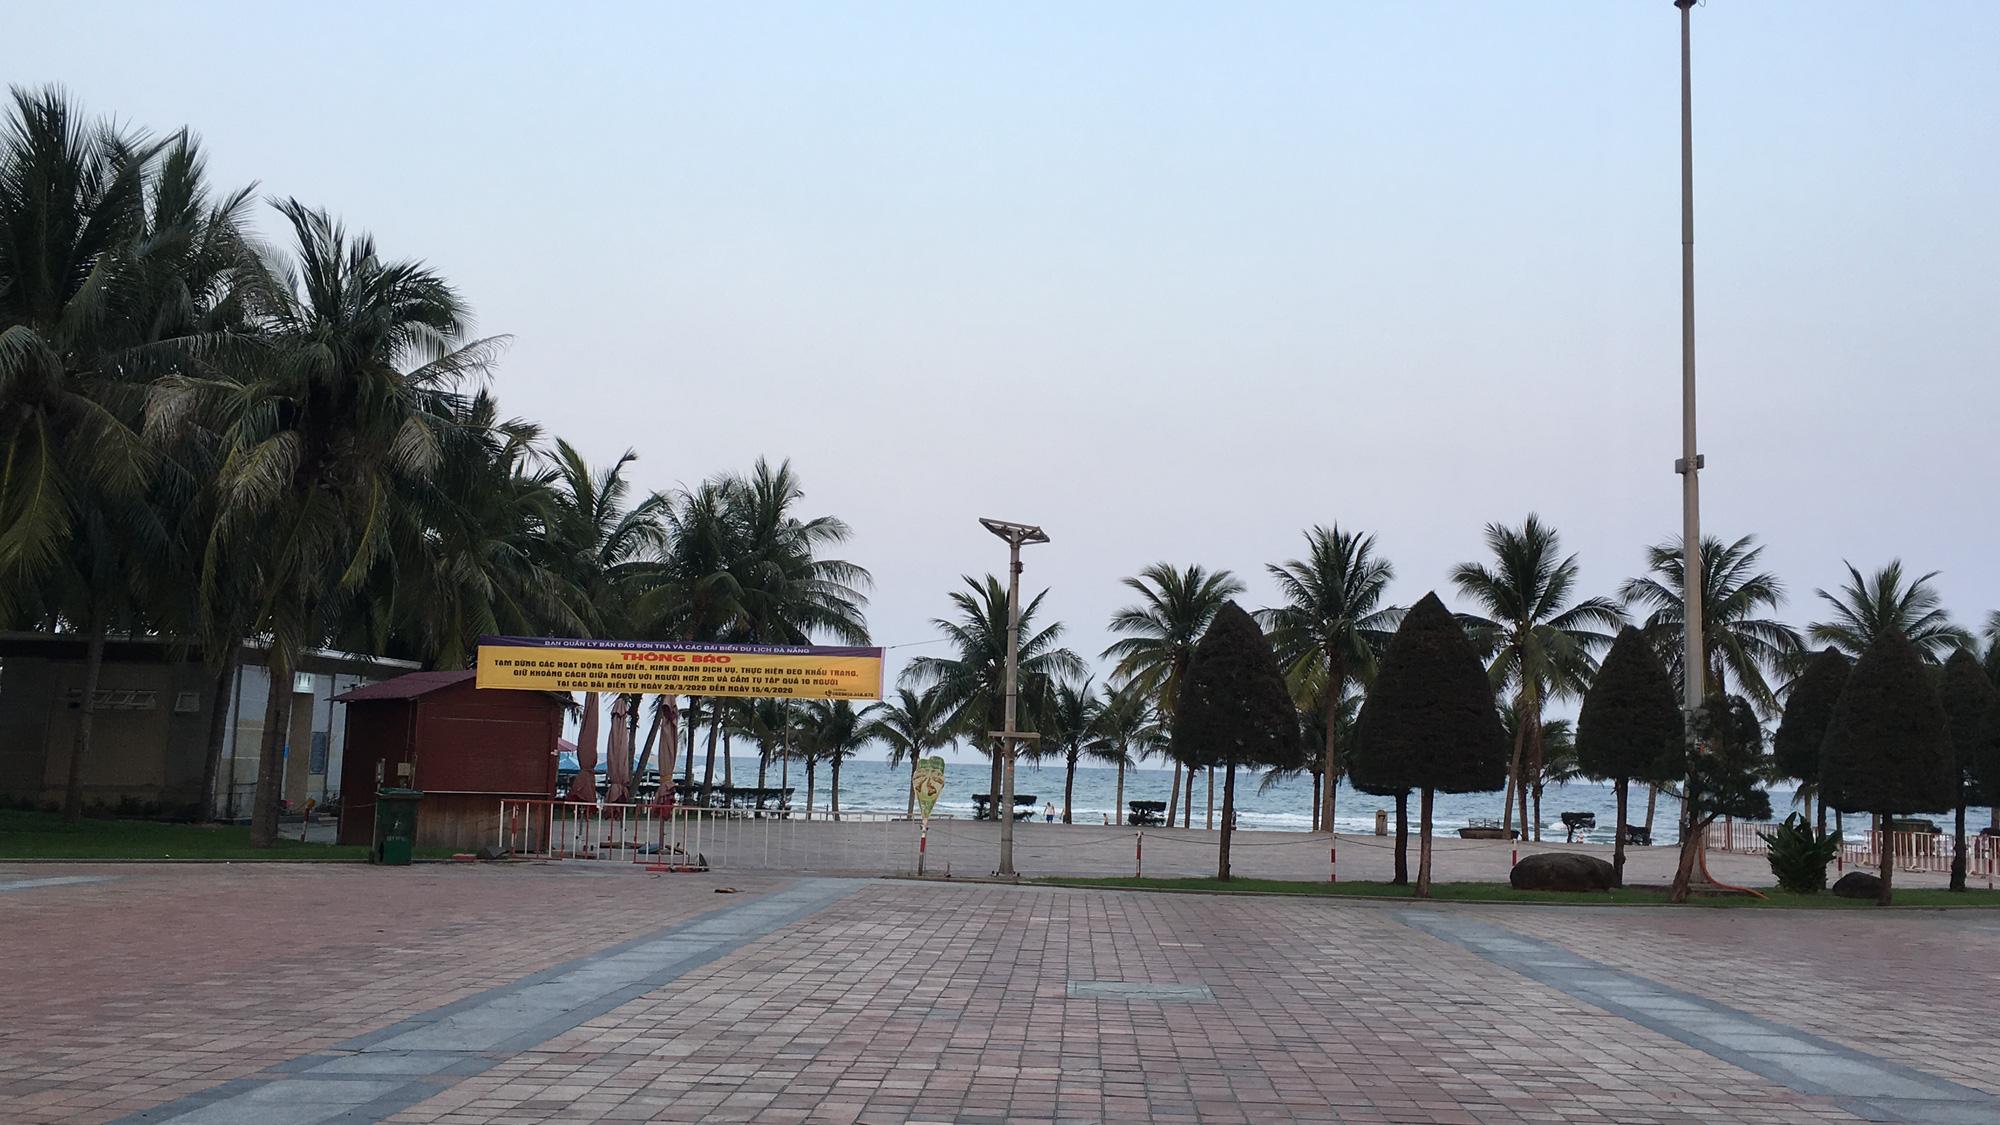 Ven biển Đà Nẵng bị rào chắn hơn 1km, các dịch vụ ngừng hoạt động hàng loạt để phòng dịch Covid-19 - Ảnh 3.